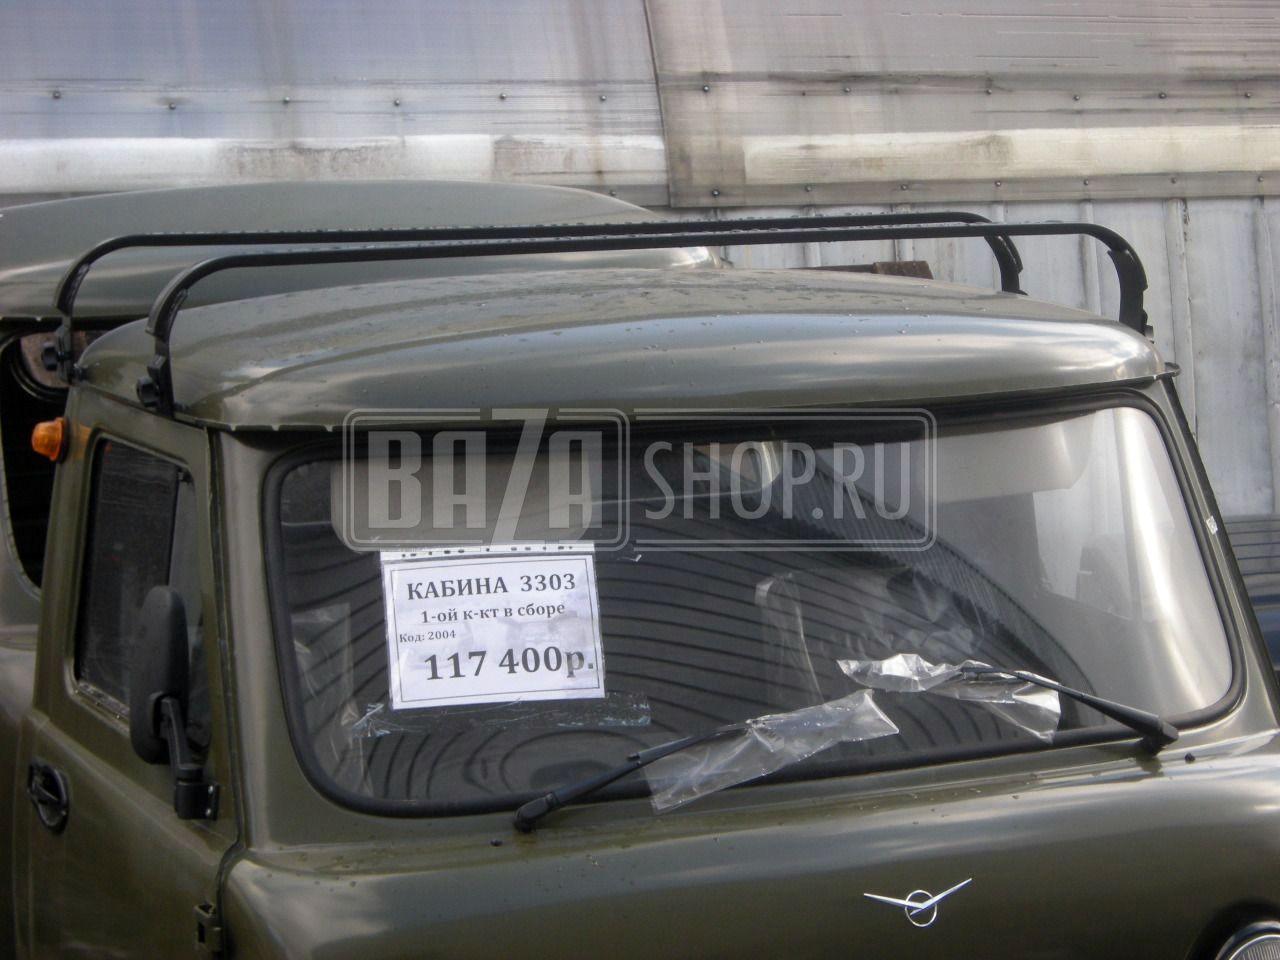 Багажник на уаз 3303